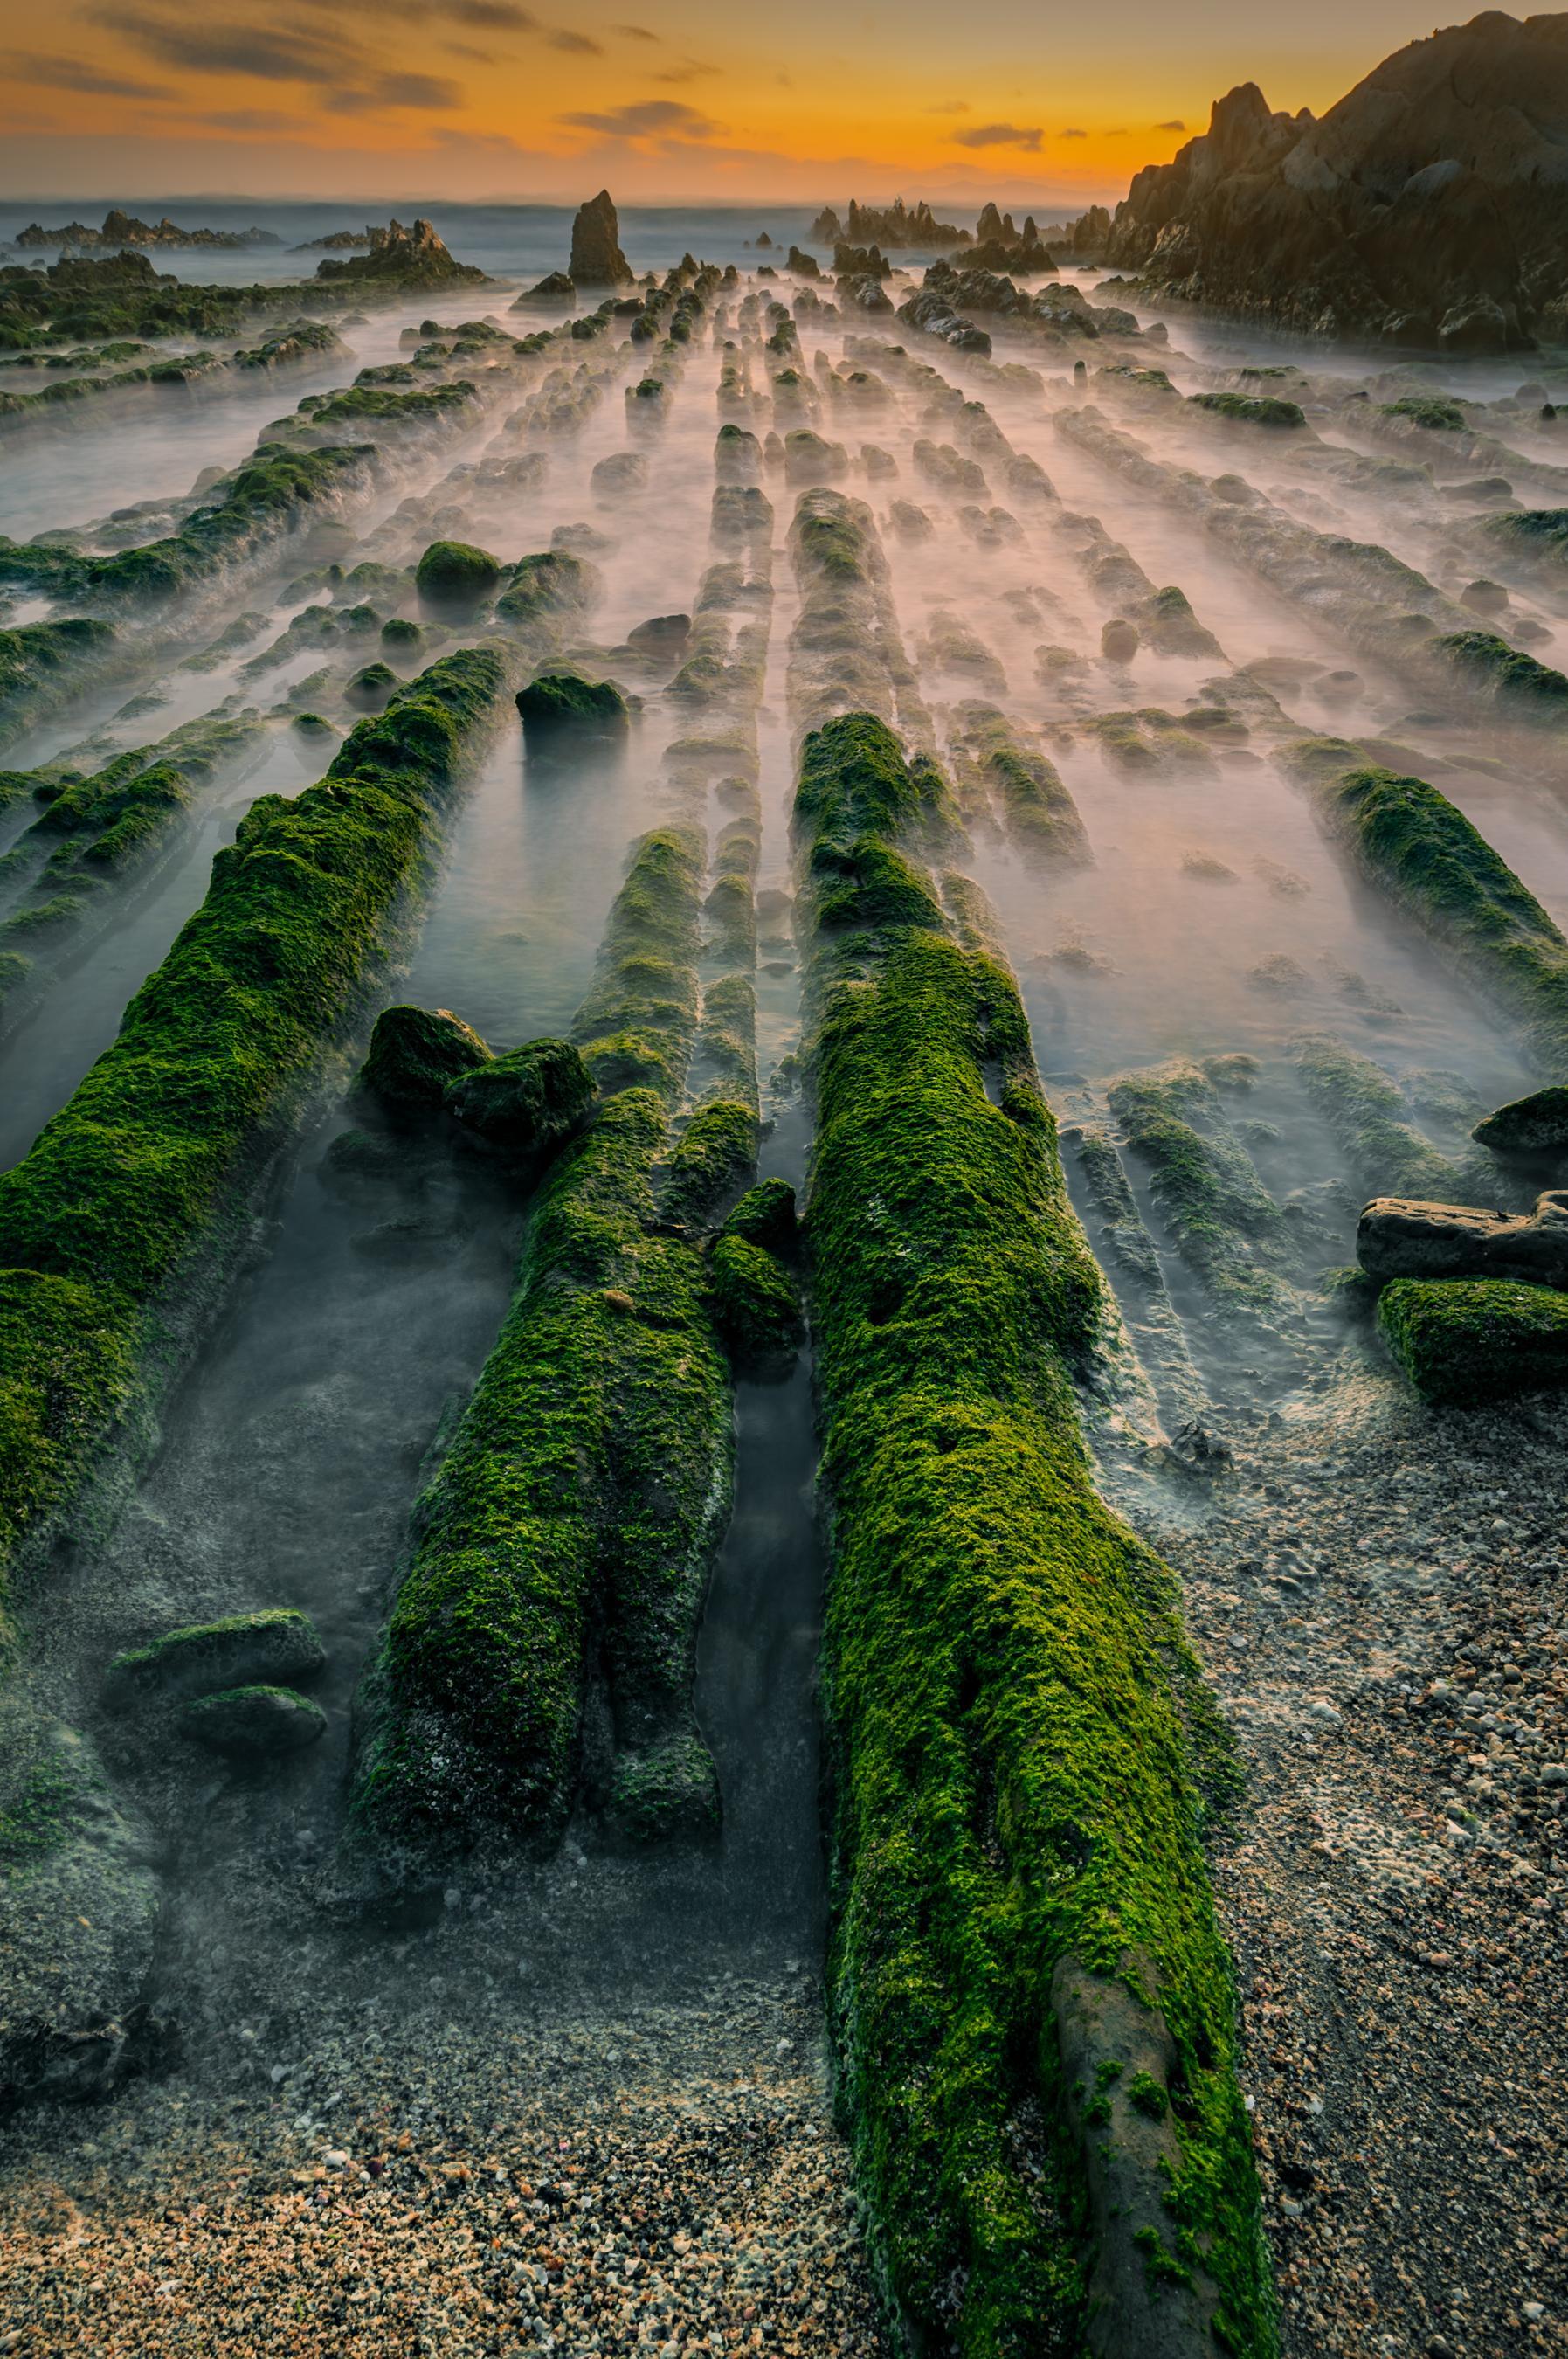 hk_c_一介布衣 位於日本千葉境內,有一處奇特的景觀,每當海水退潮,可以看到無數條青綠的岩石一字排開伸向海的深處,綠色的青苔在夕陽下瀝瀝發光。而漲潮后則又被海水遮掩變得平淡無奇。.jpeg